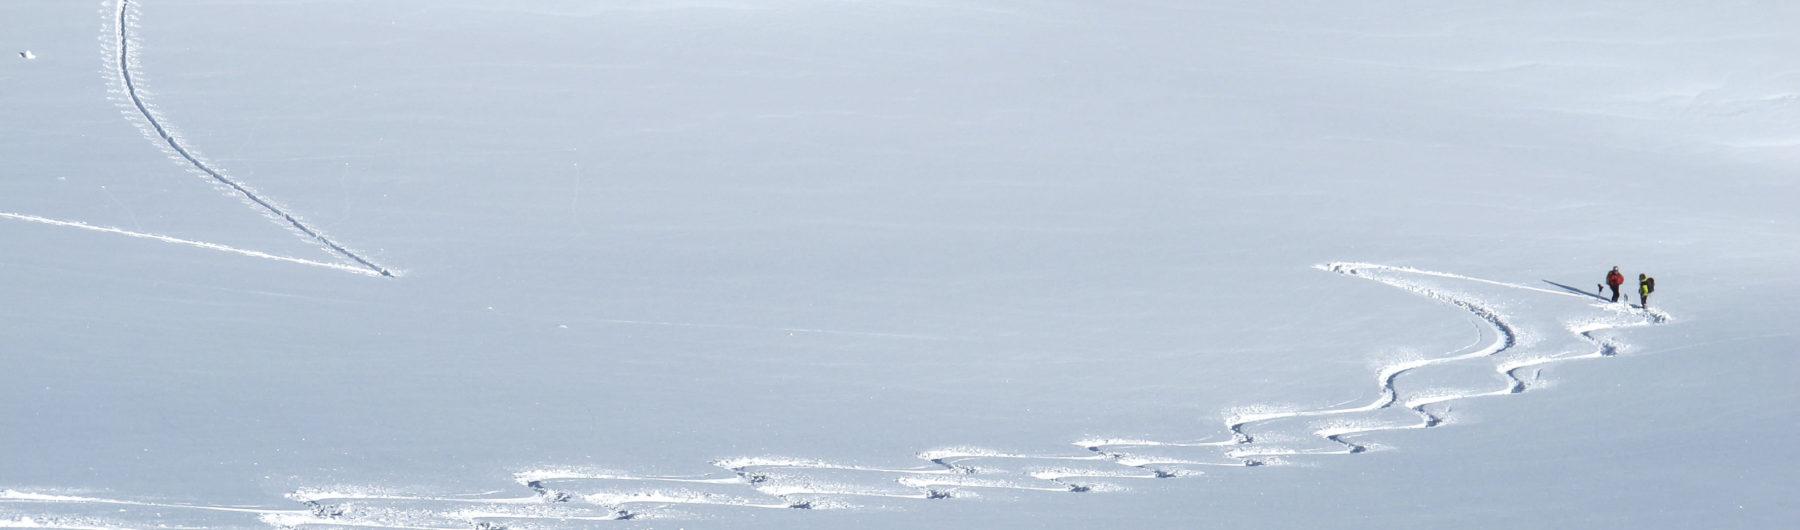 Skitourenspur im unverspurten Pulverschnee